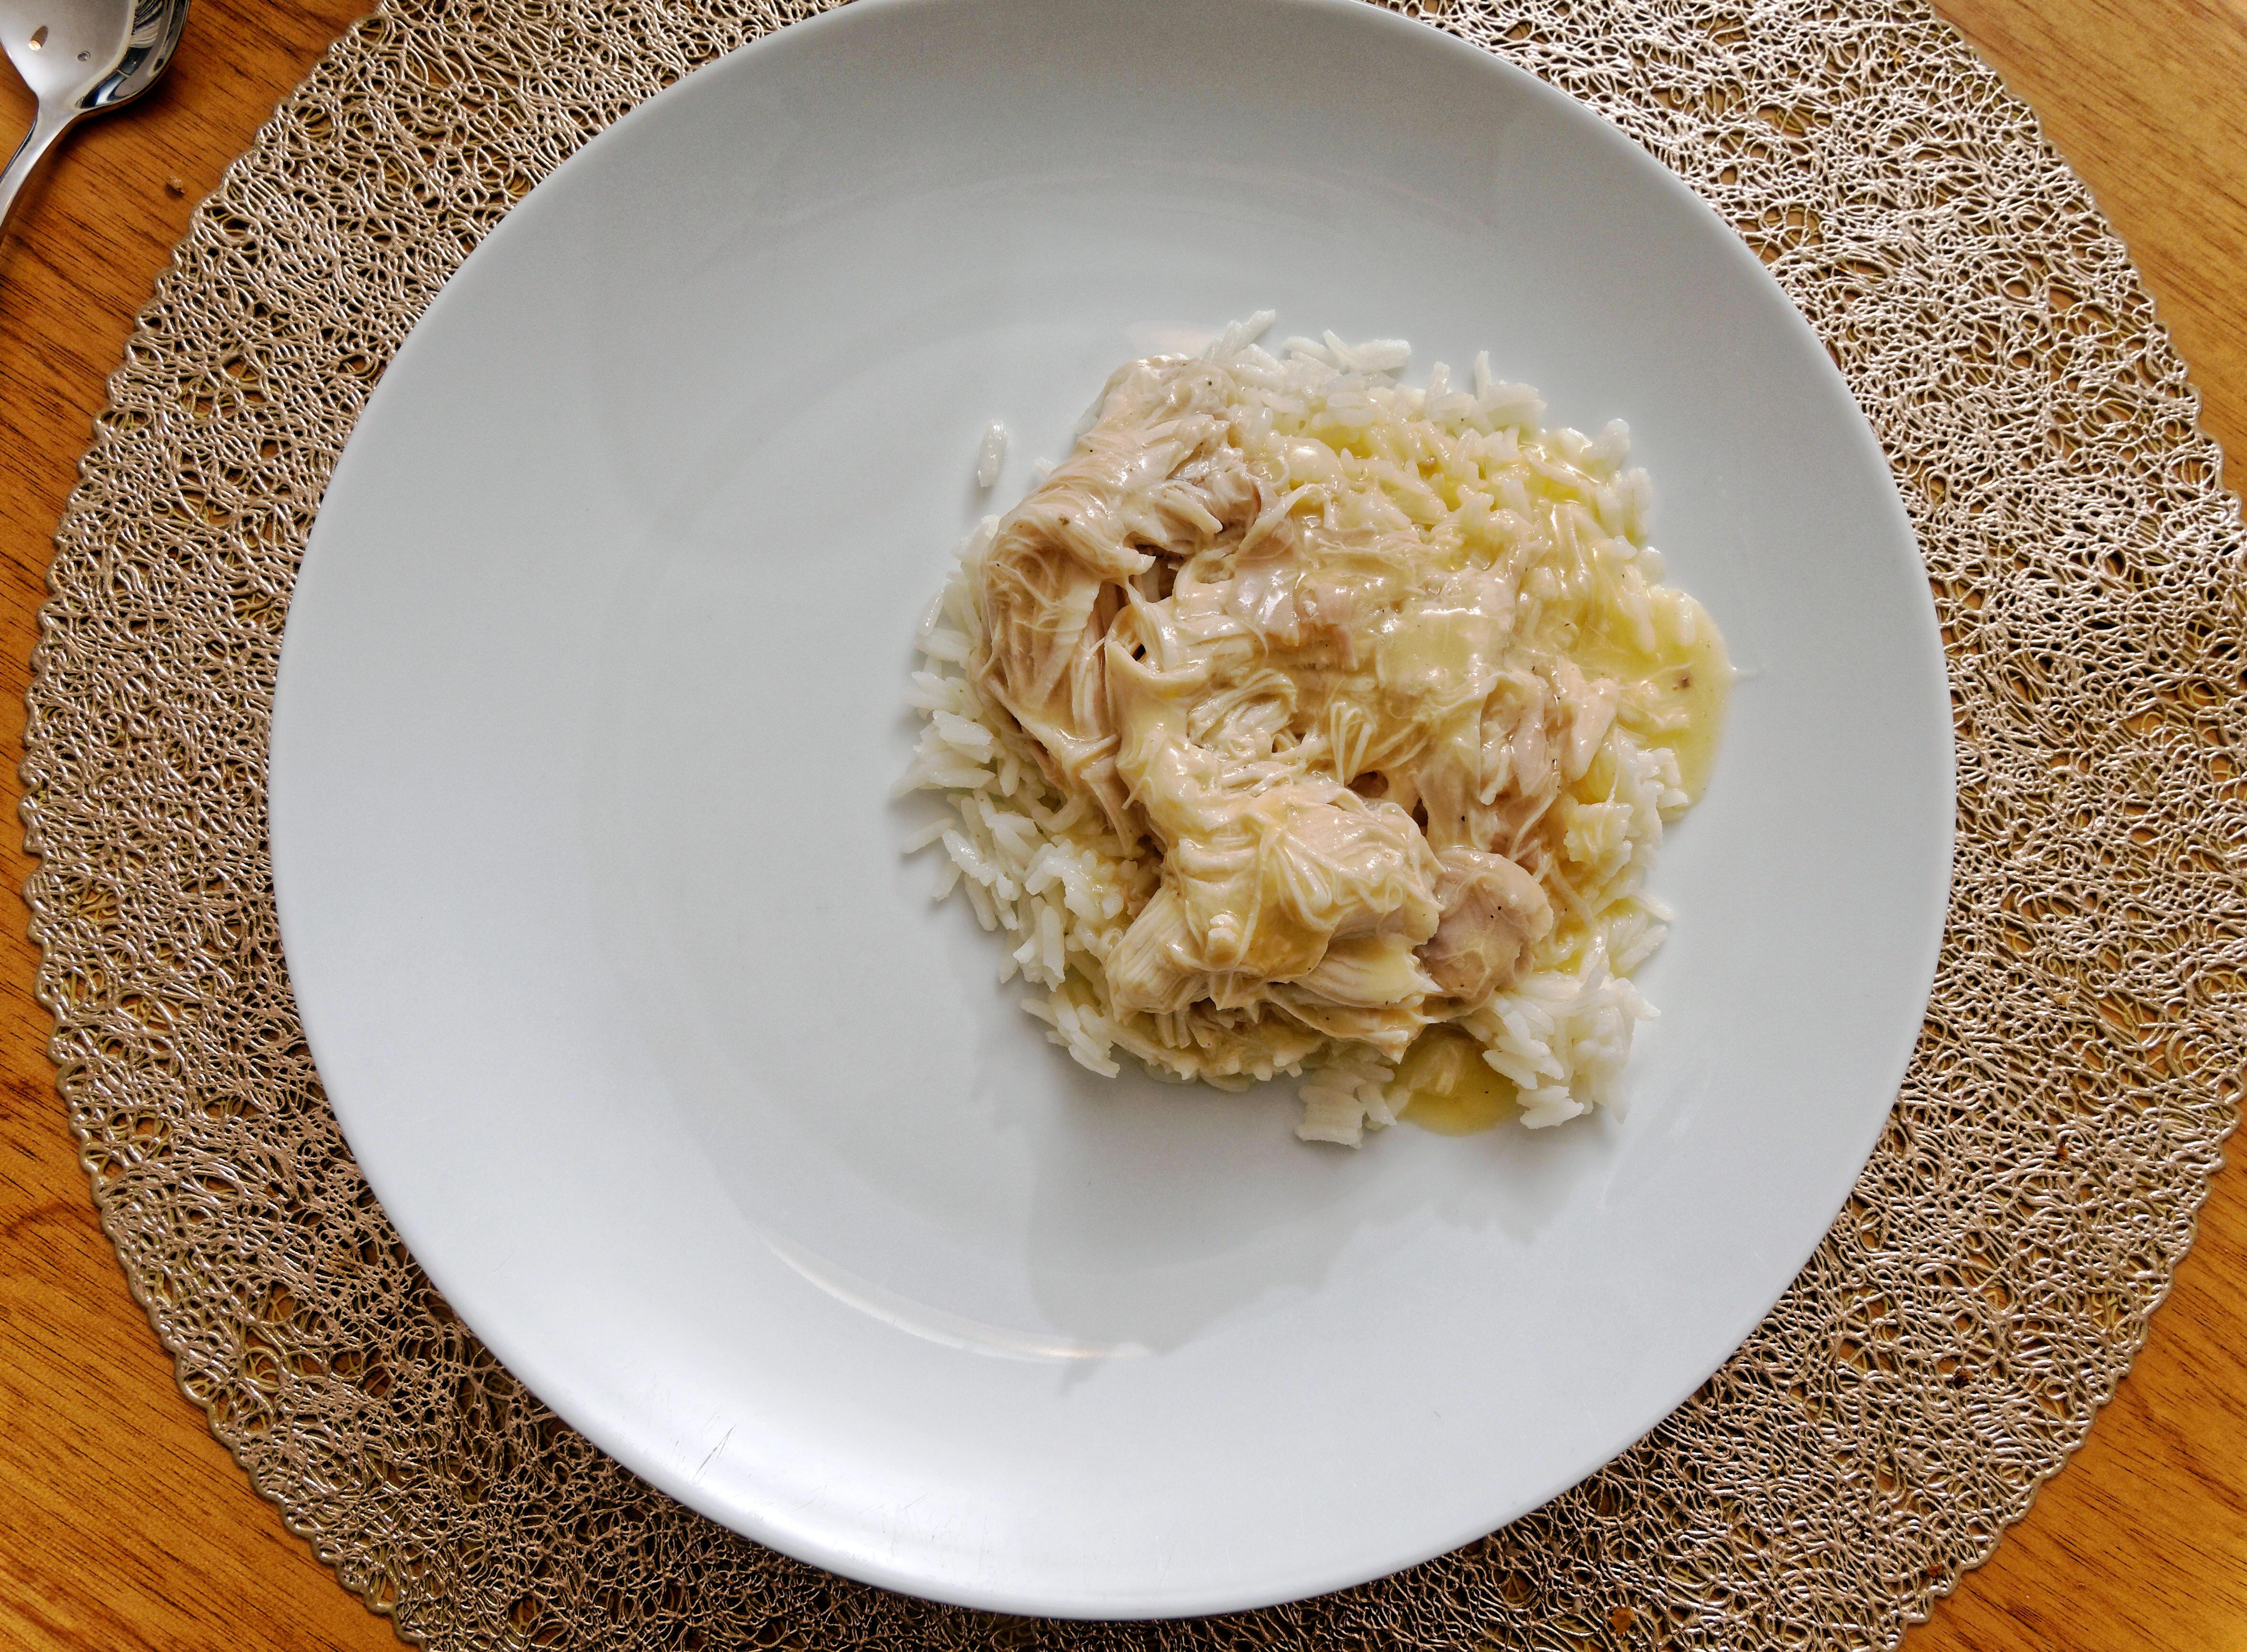 Poule-au-riz-8.jpeg